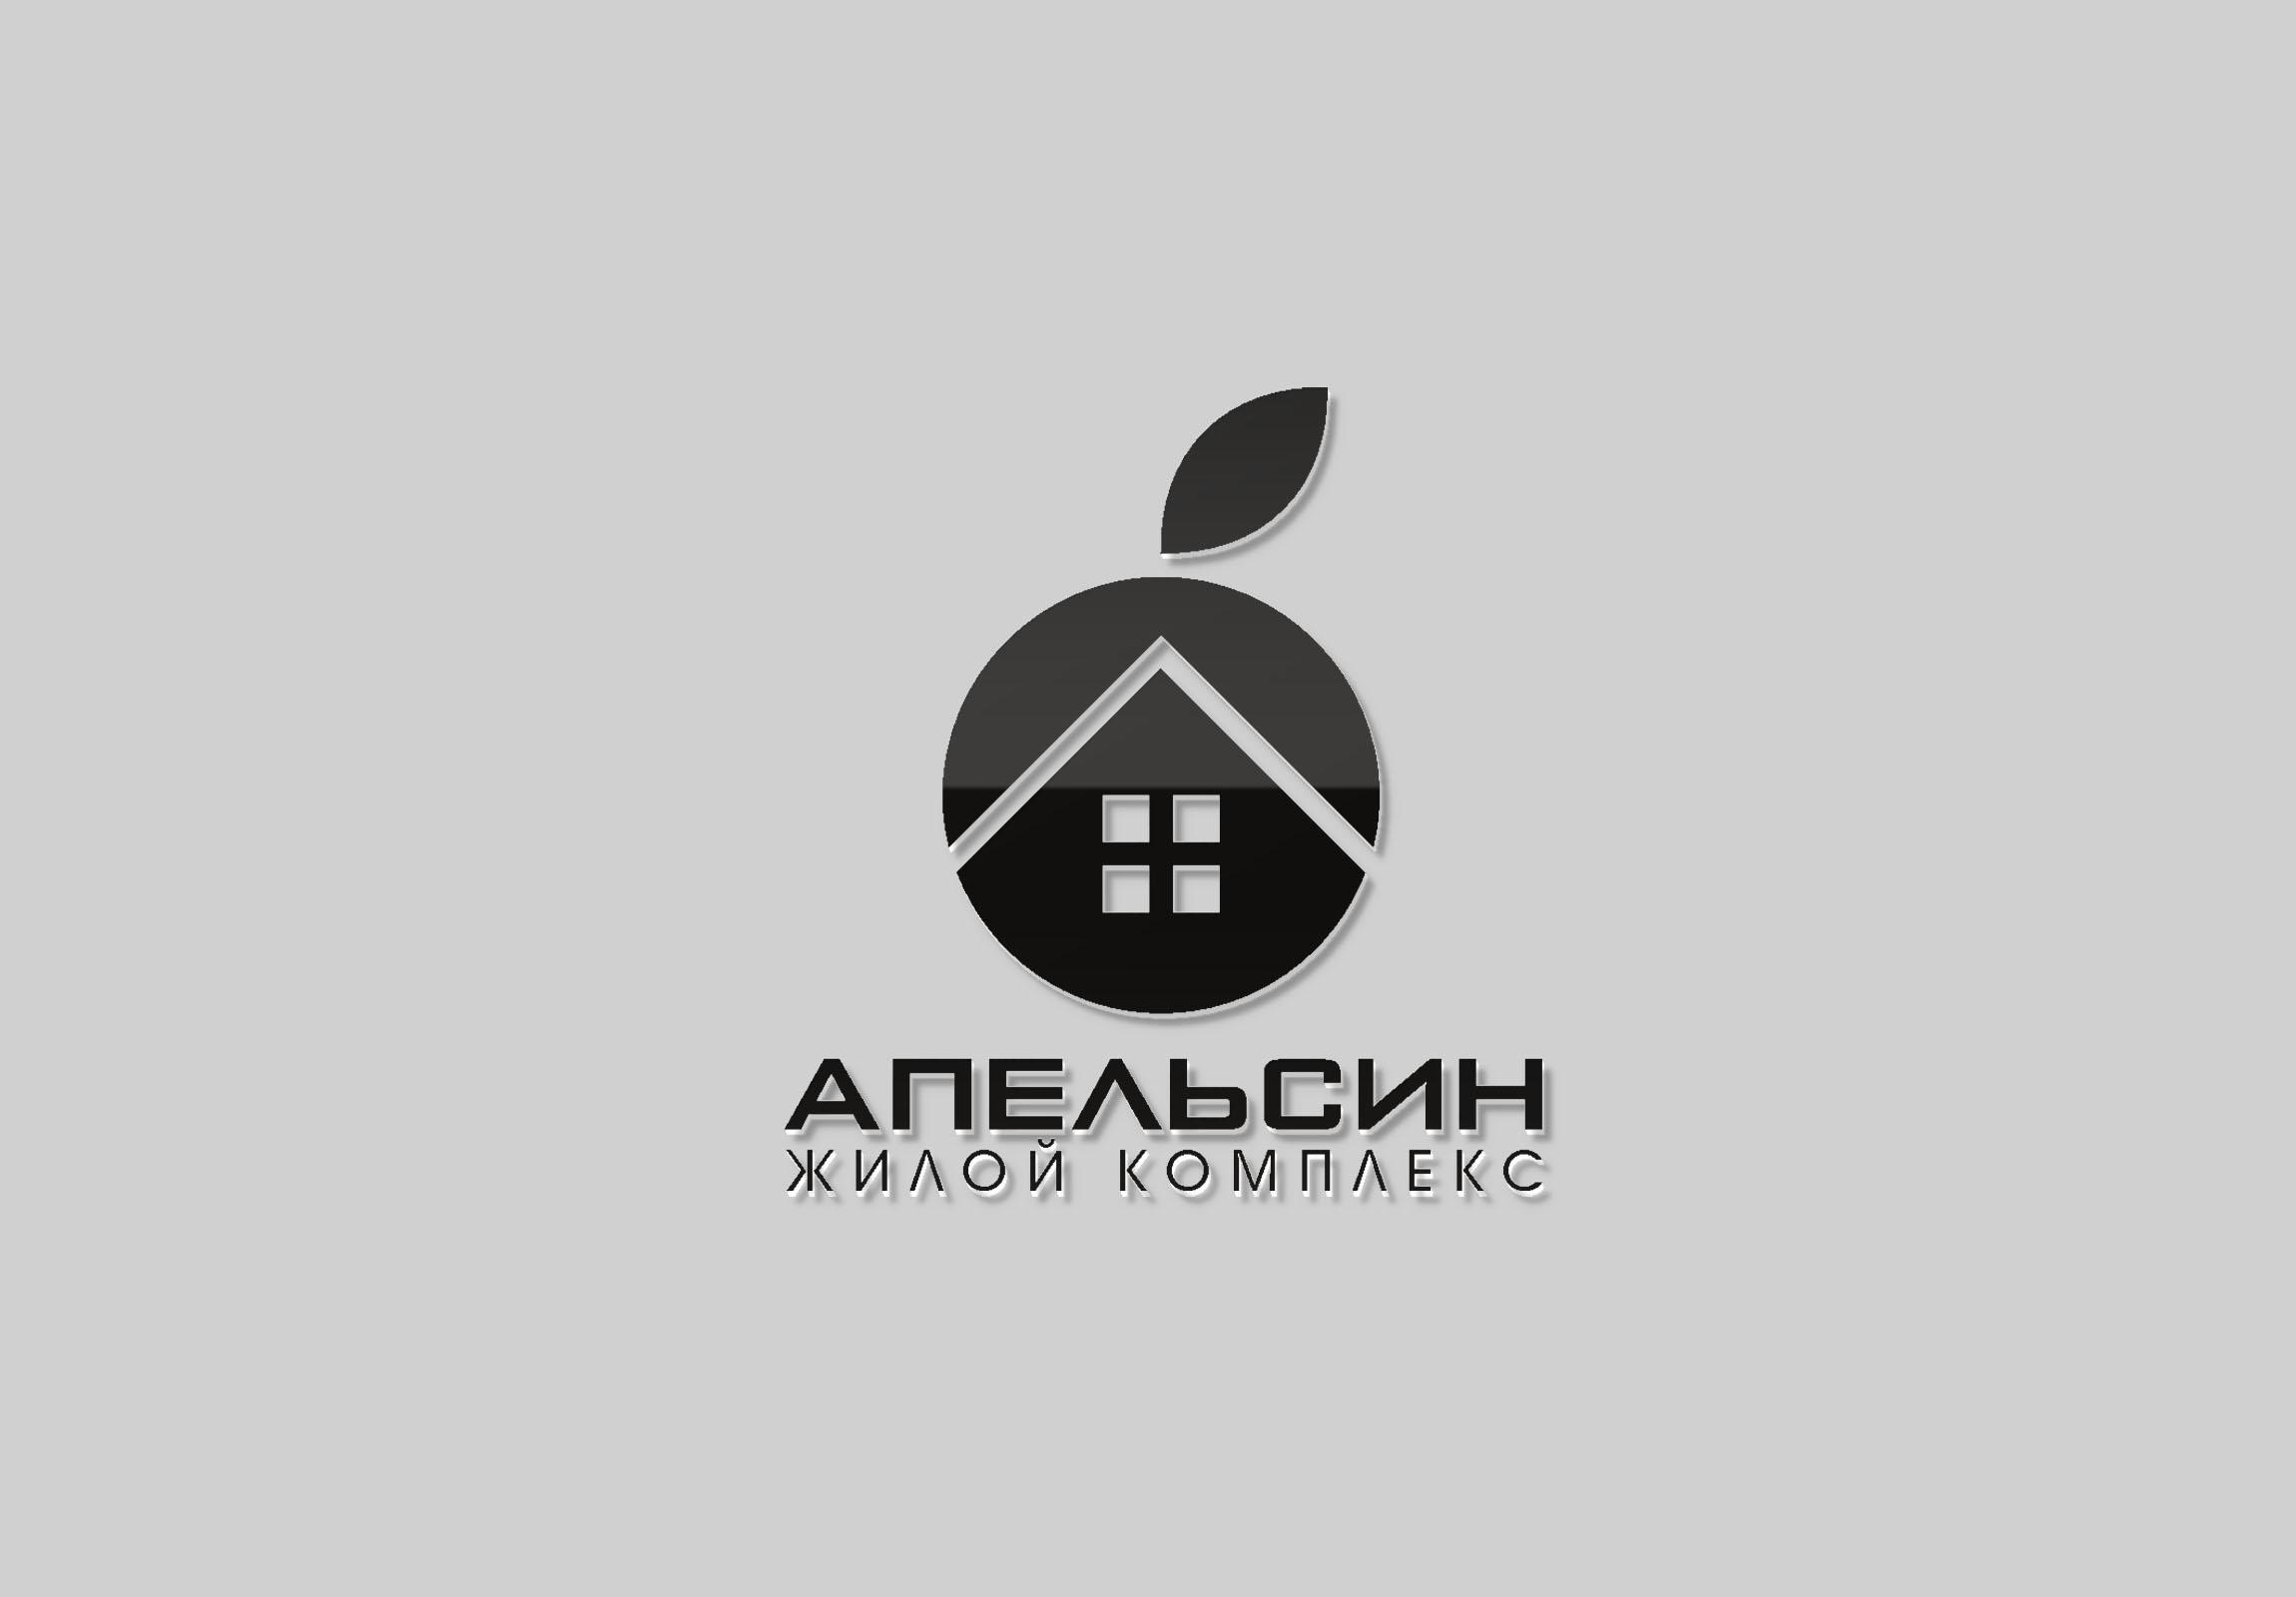 Логотип и фирменный стиль фото f_4425a59d43be825d.jpg